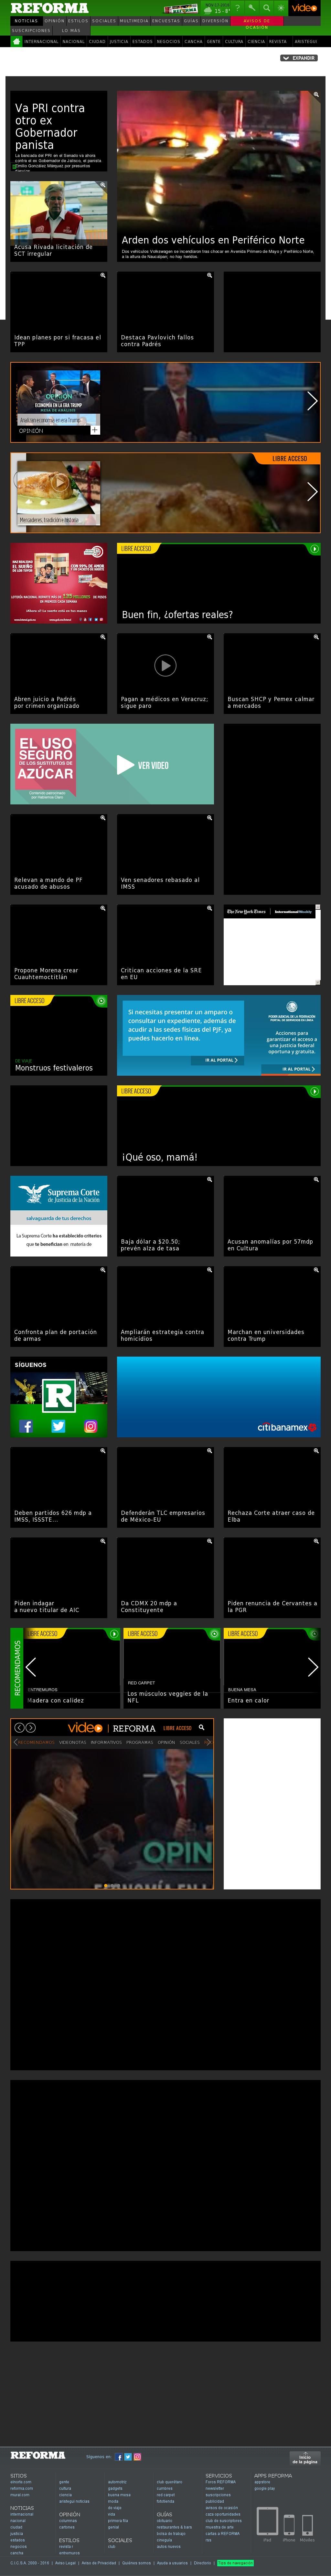 Reforma.com at Thursday Nov. 17, 2016, 4:15 a.m. UTC